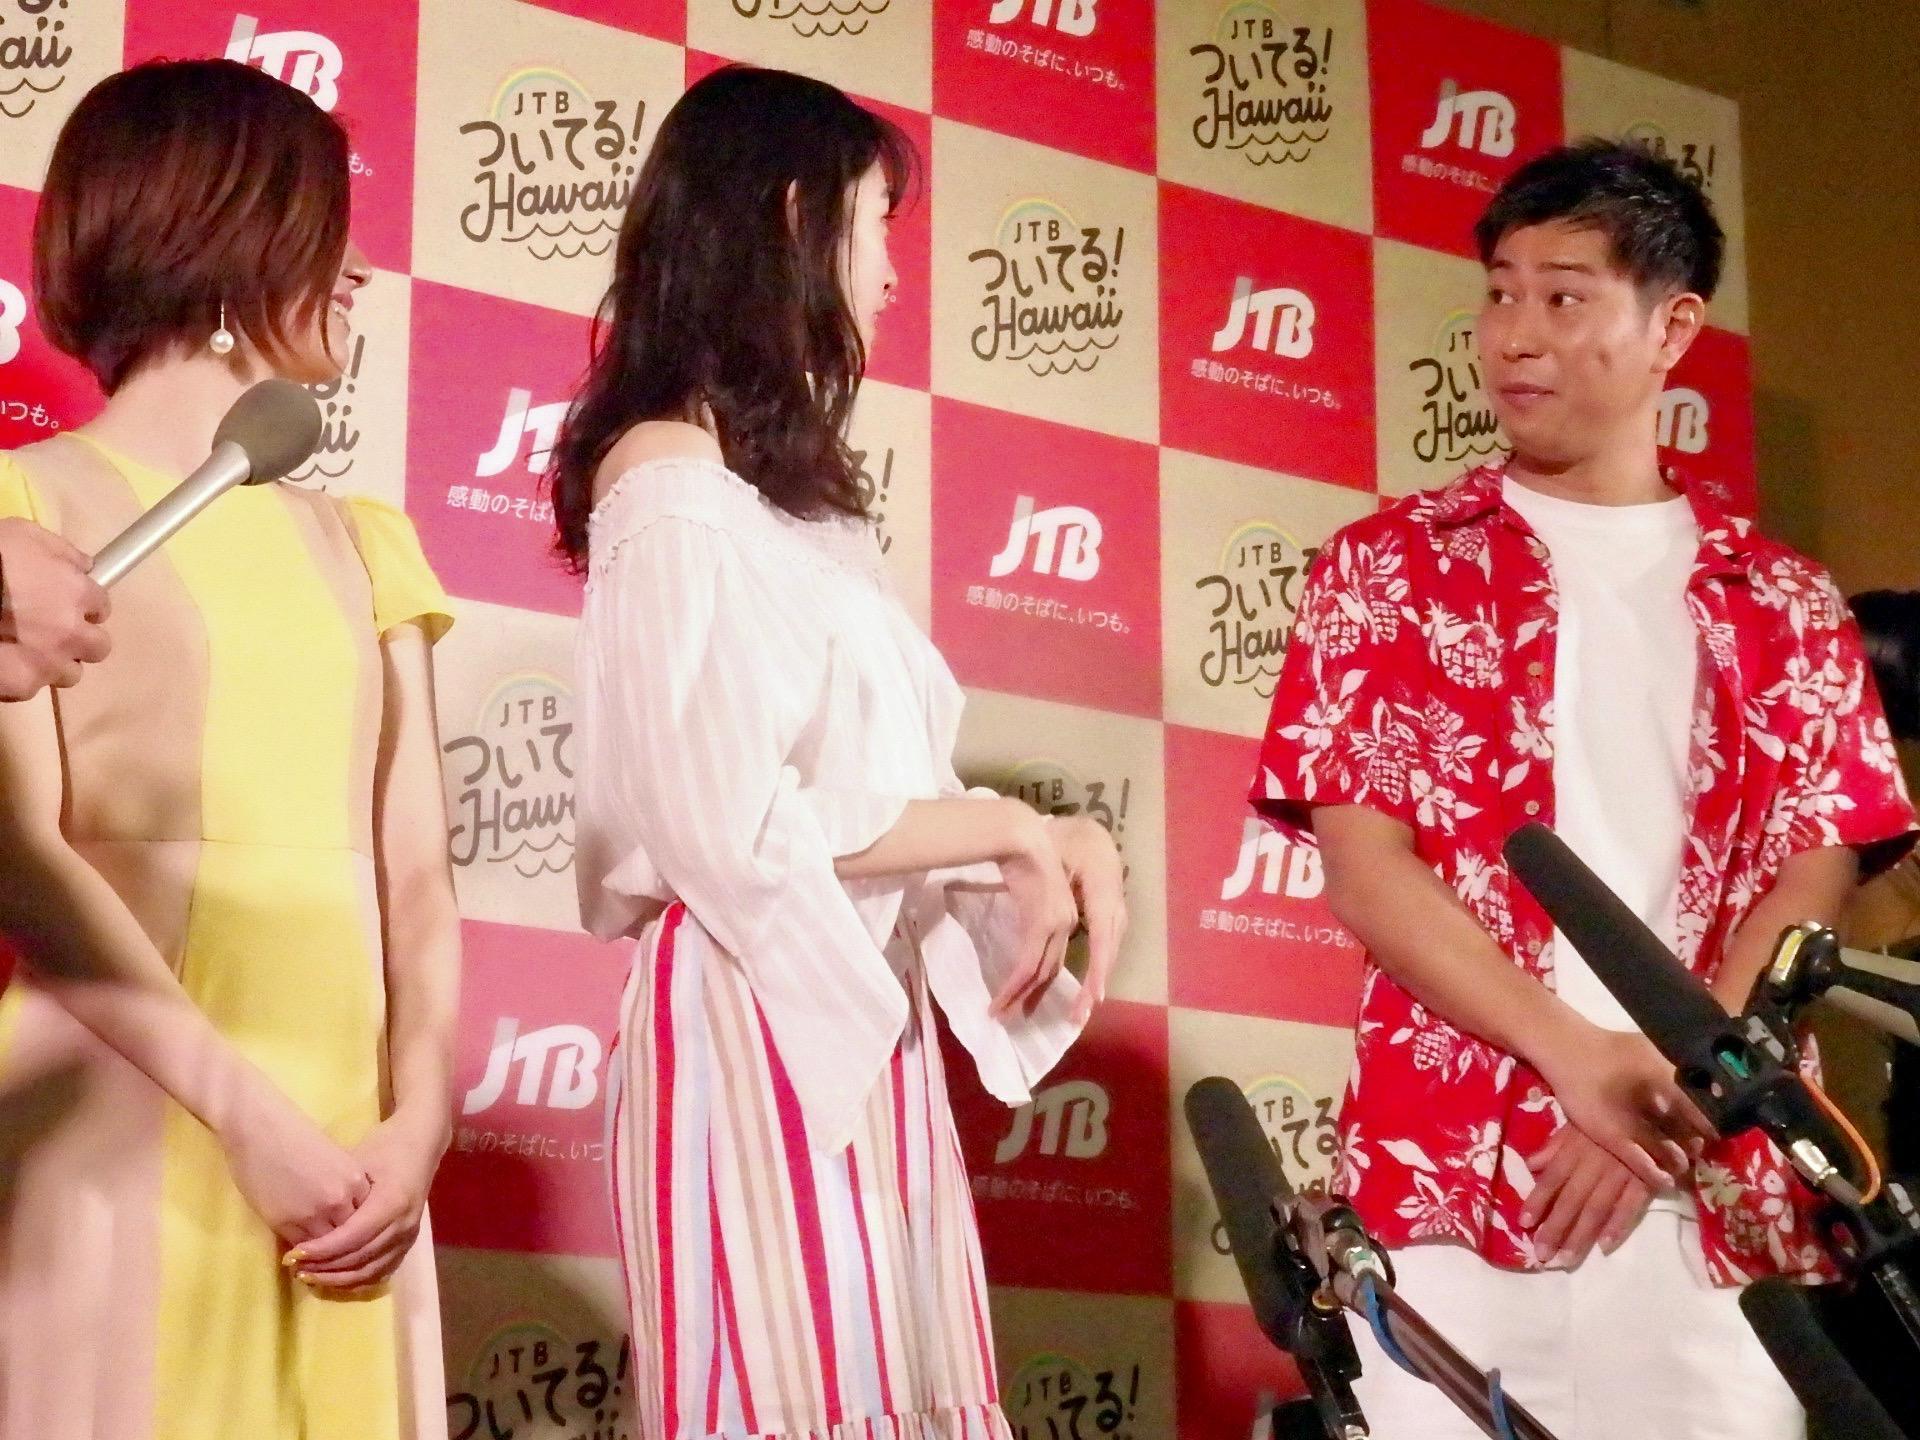 http://news.yoshimoto.co.jp/20190122223408-3100d97dc8657aa07914731cc310803a01ccefc4.jpeg